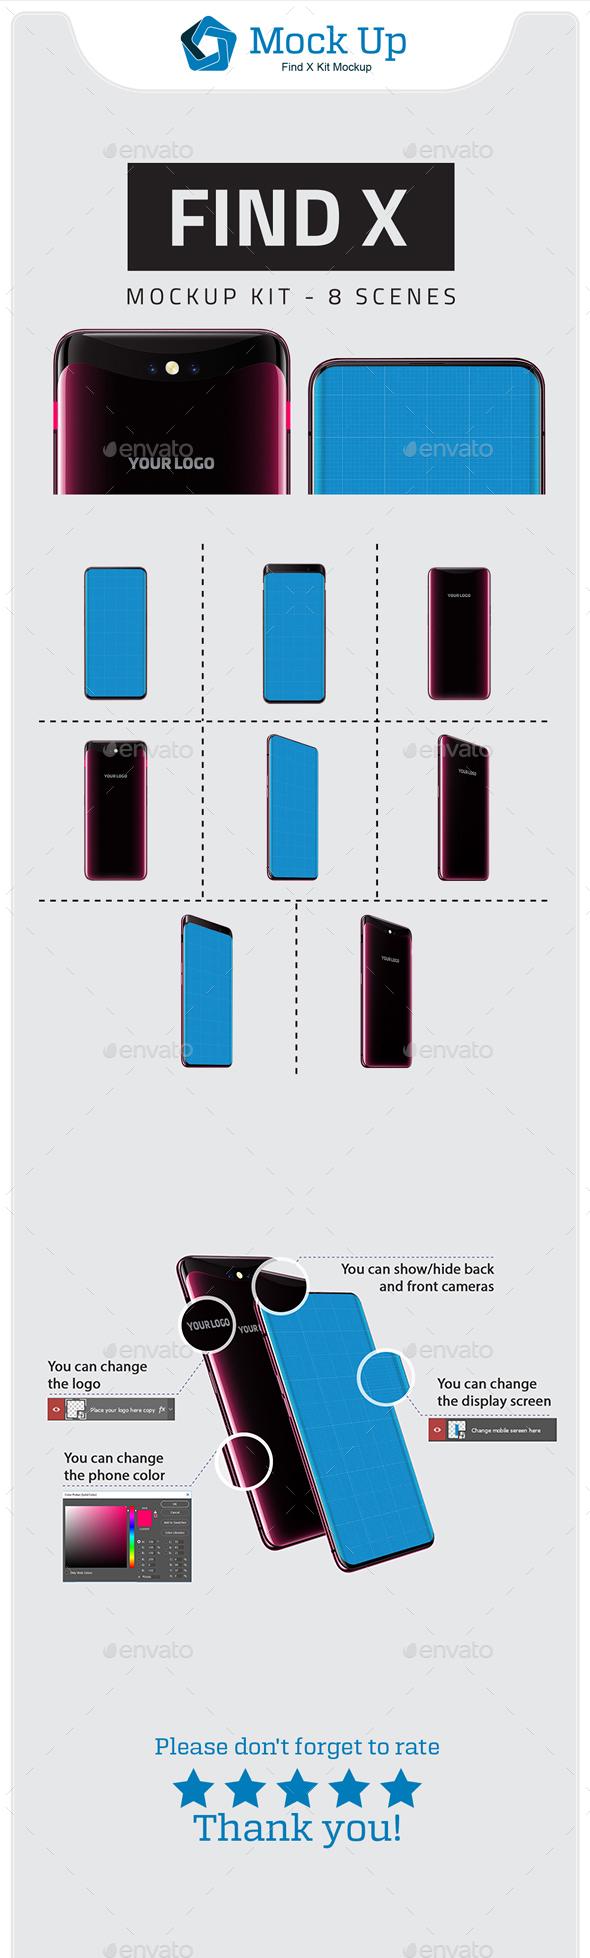 Find X Kit Mockup - Mobile Displays